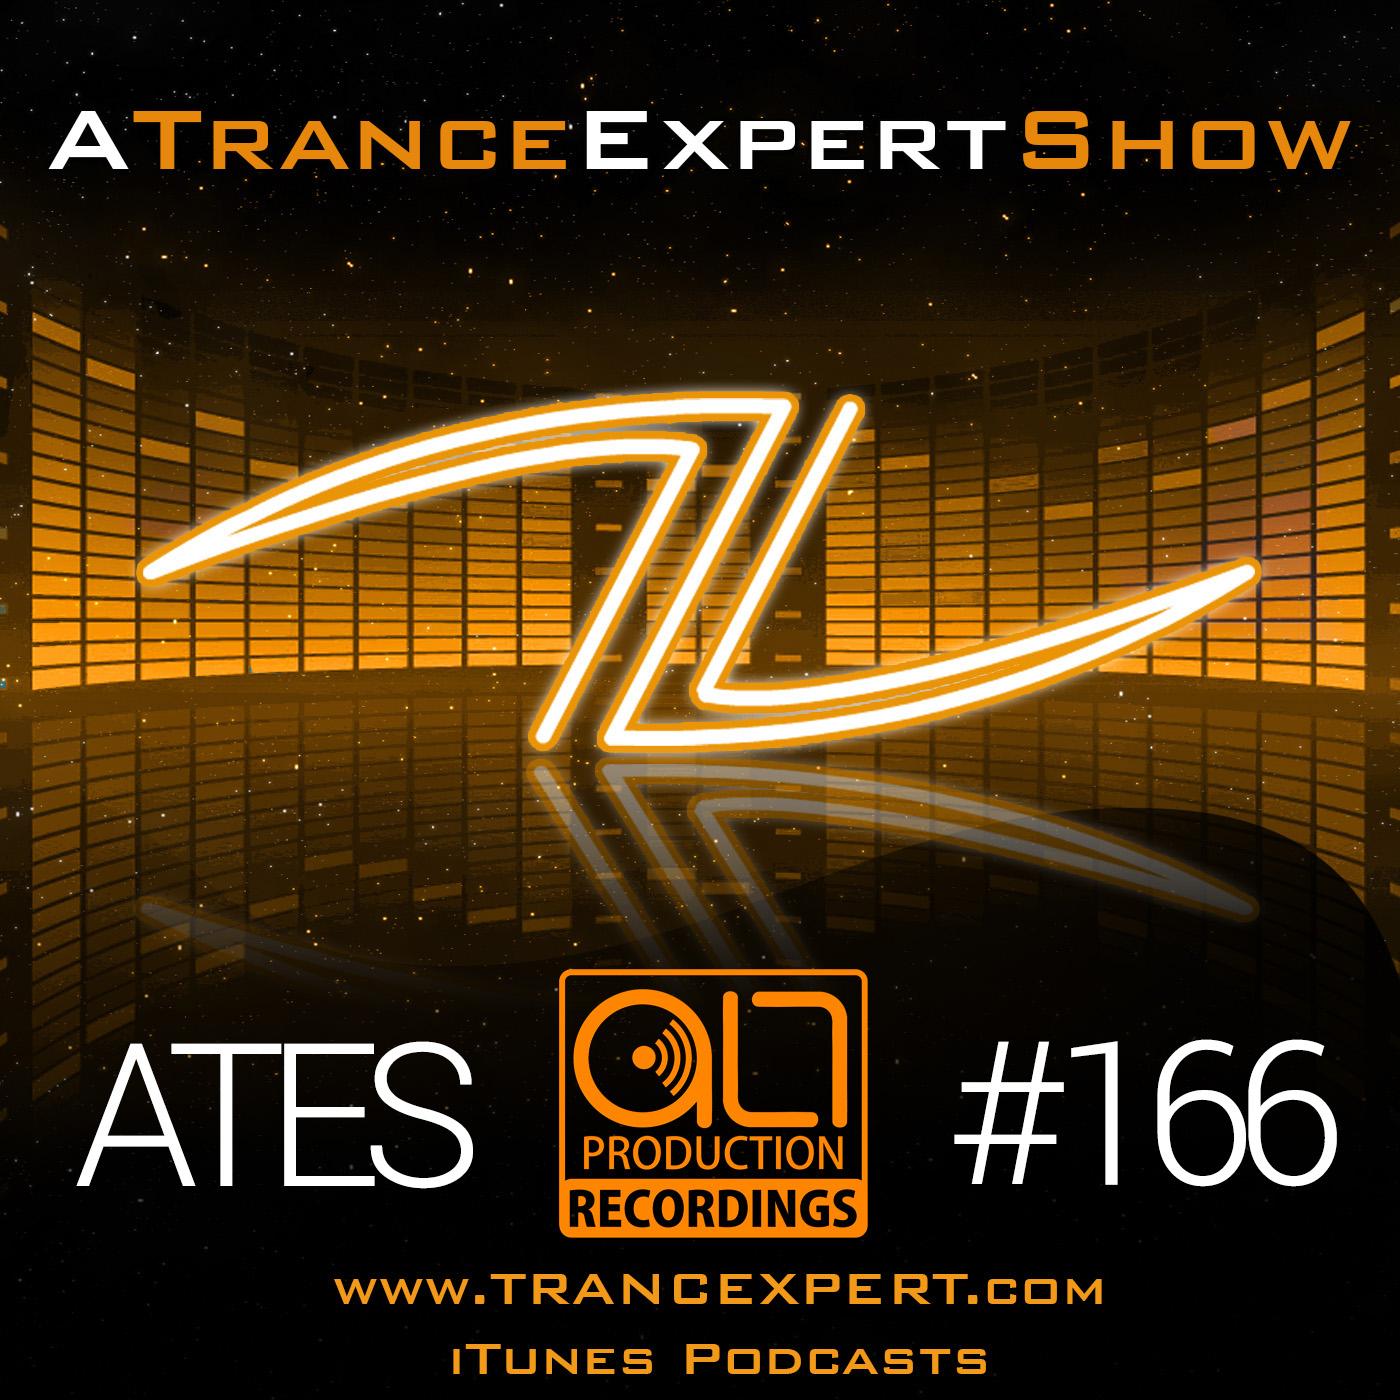 A Trance Expert Show #166